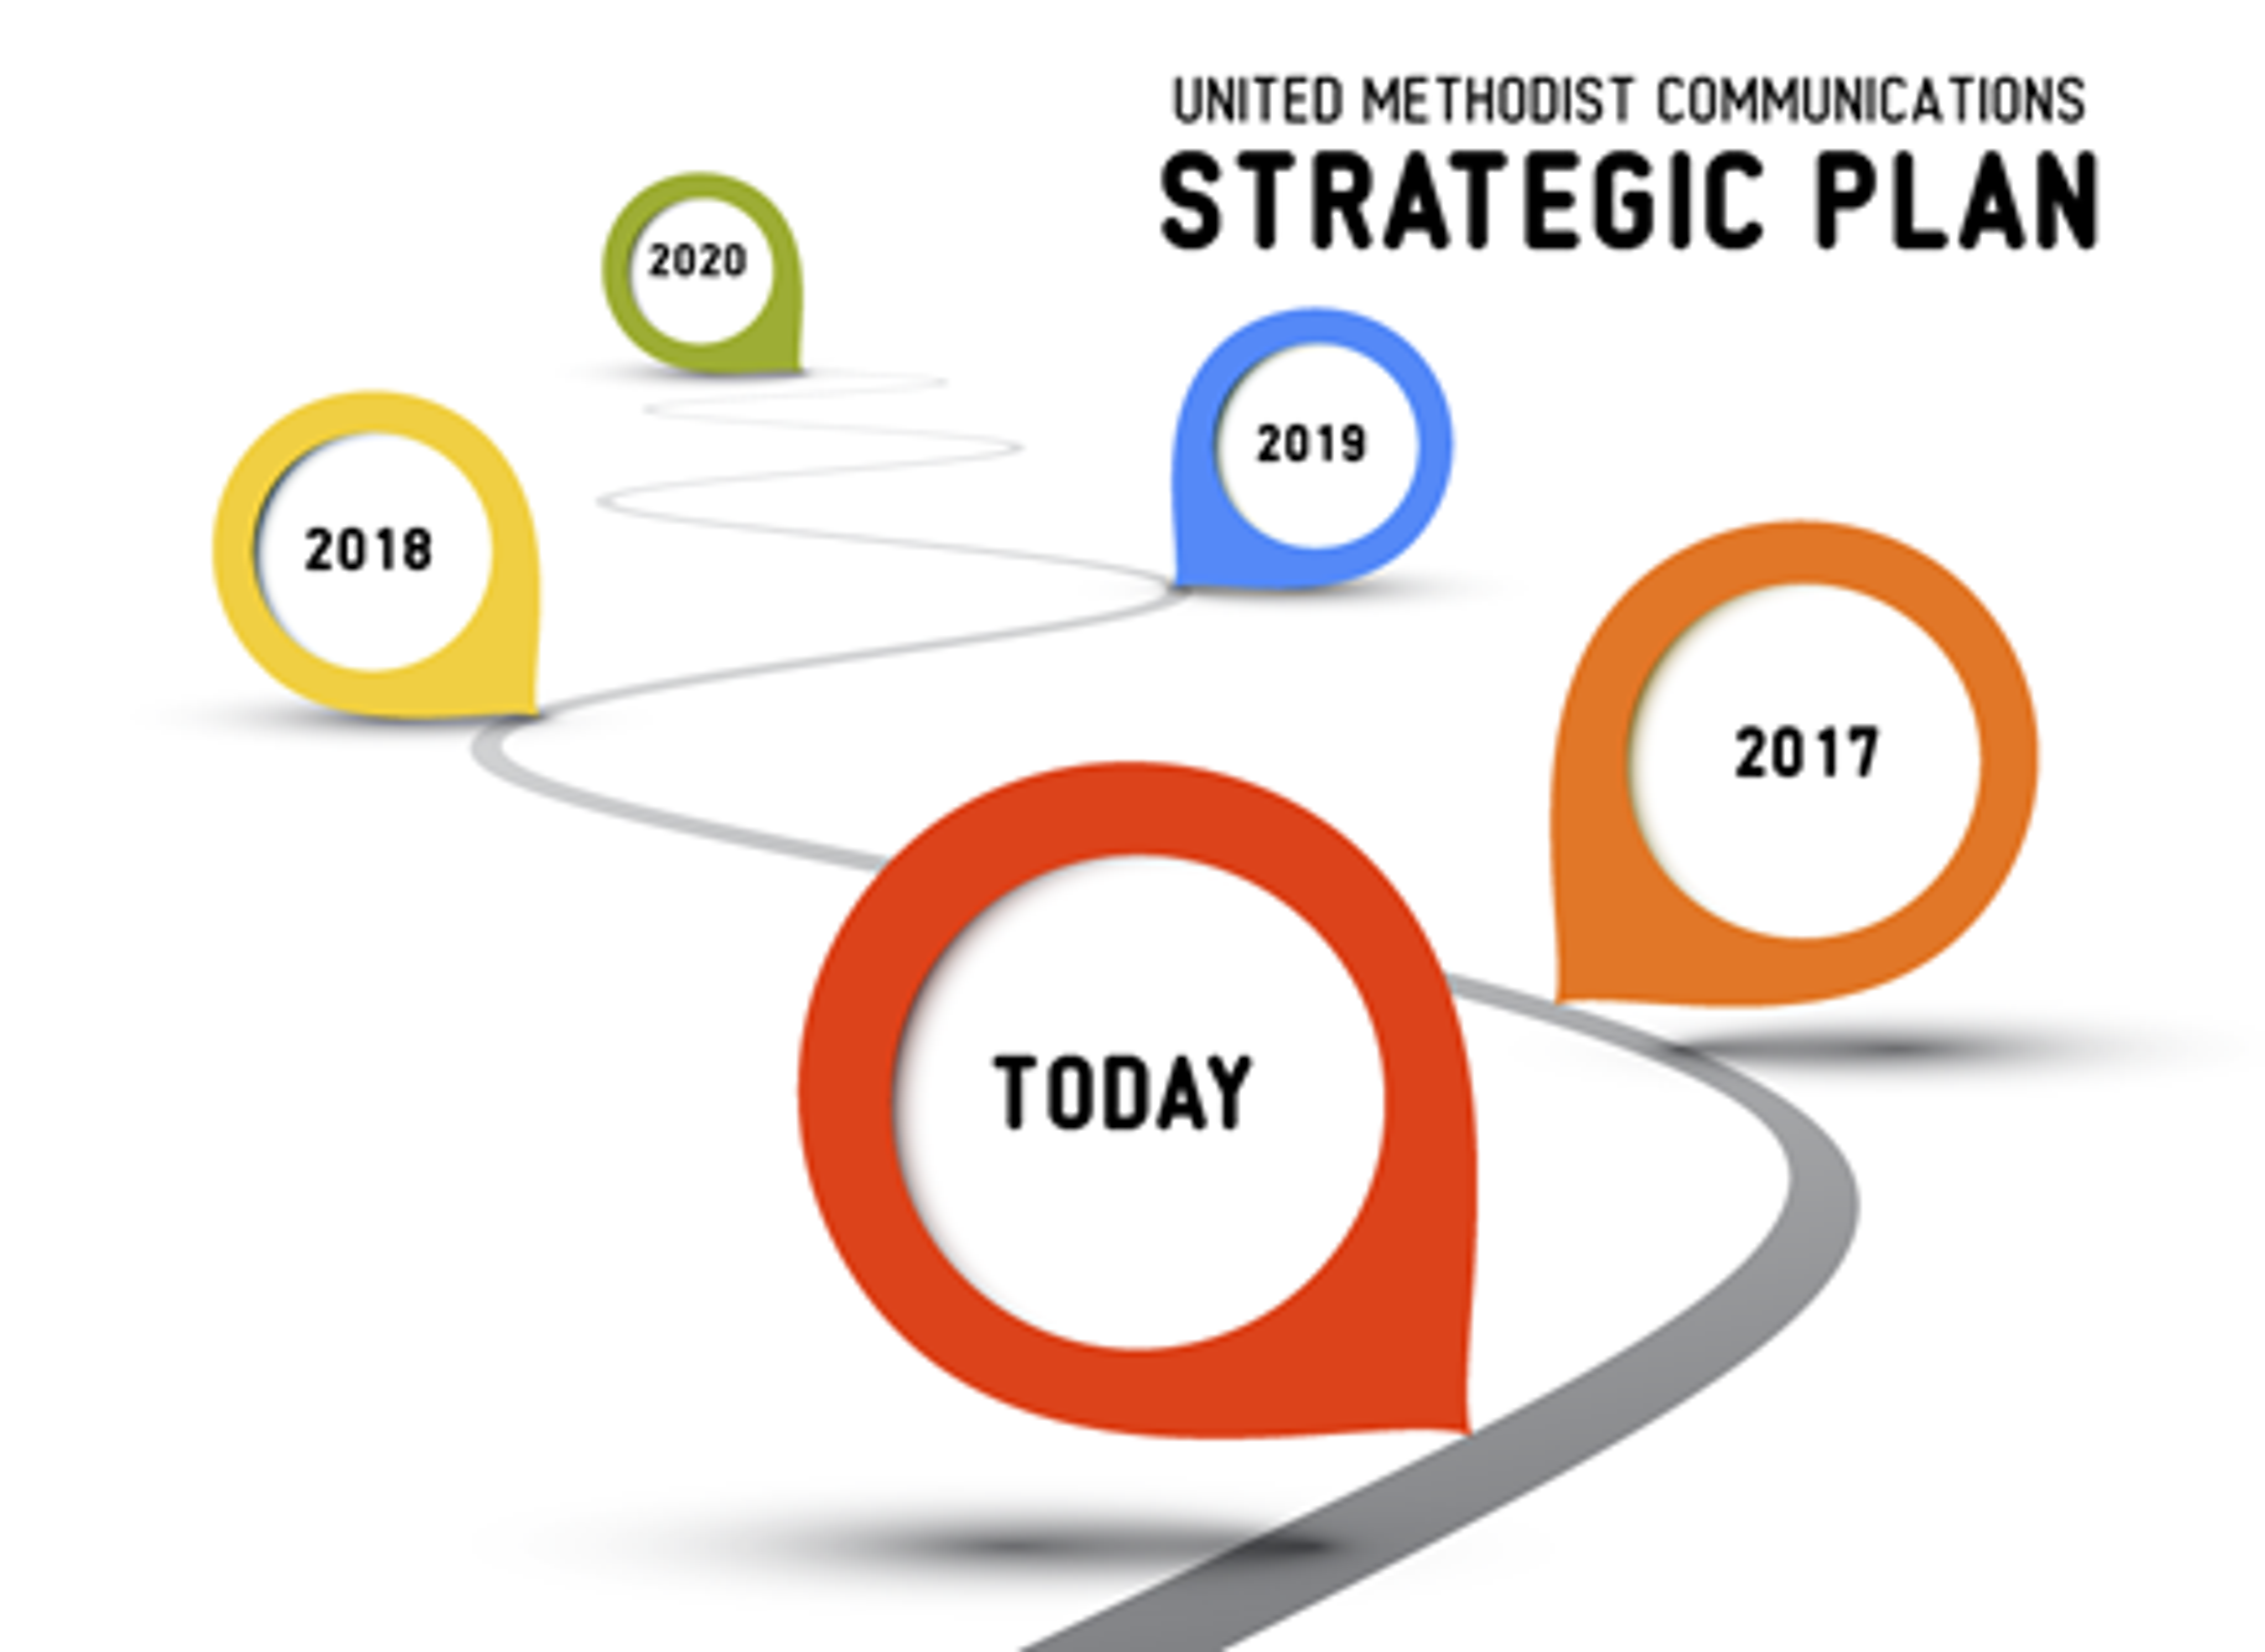 UMCom Communications Plan for 2017–2020